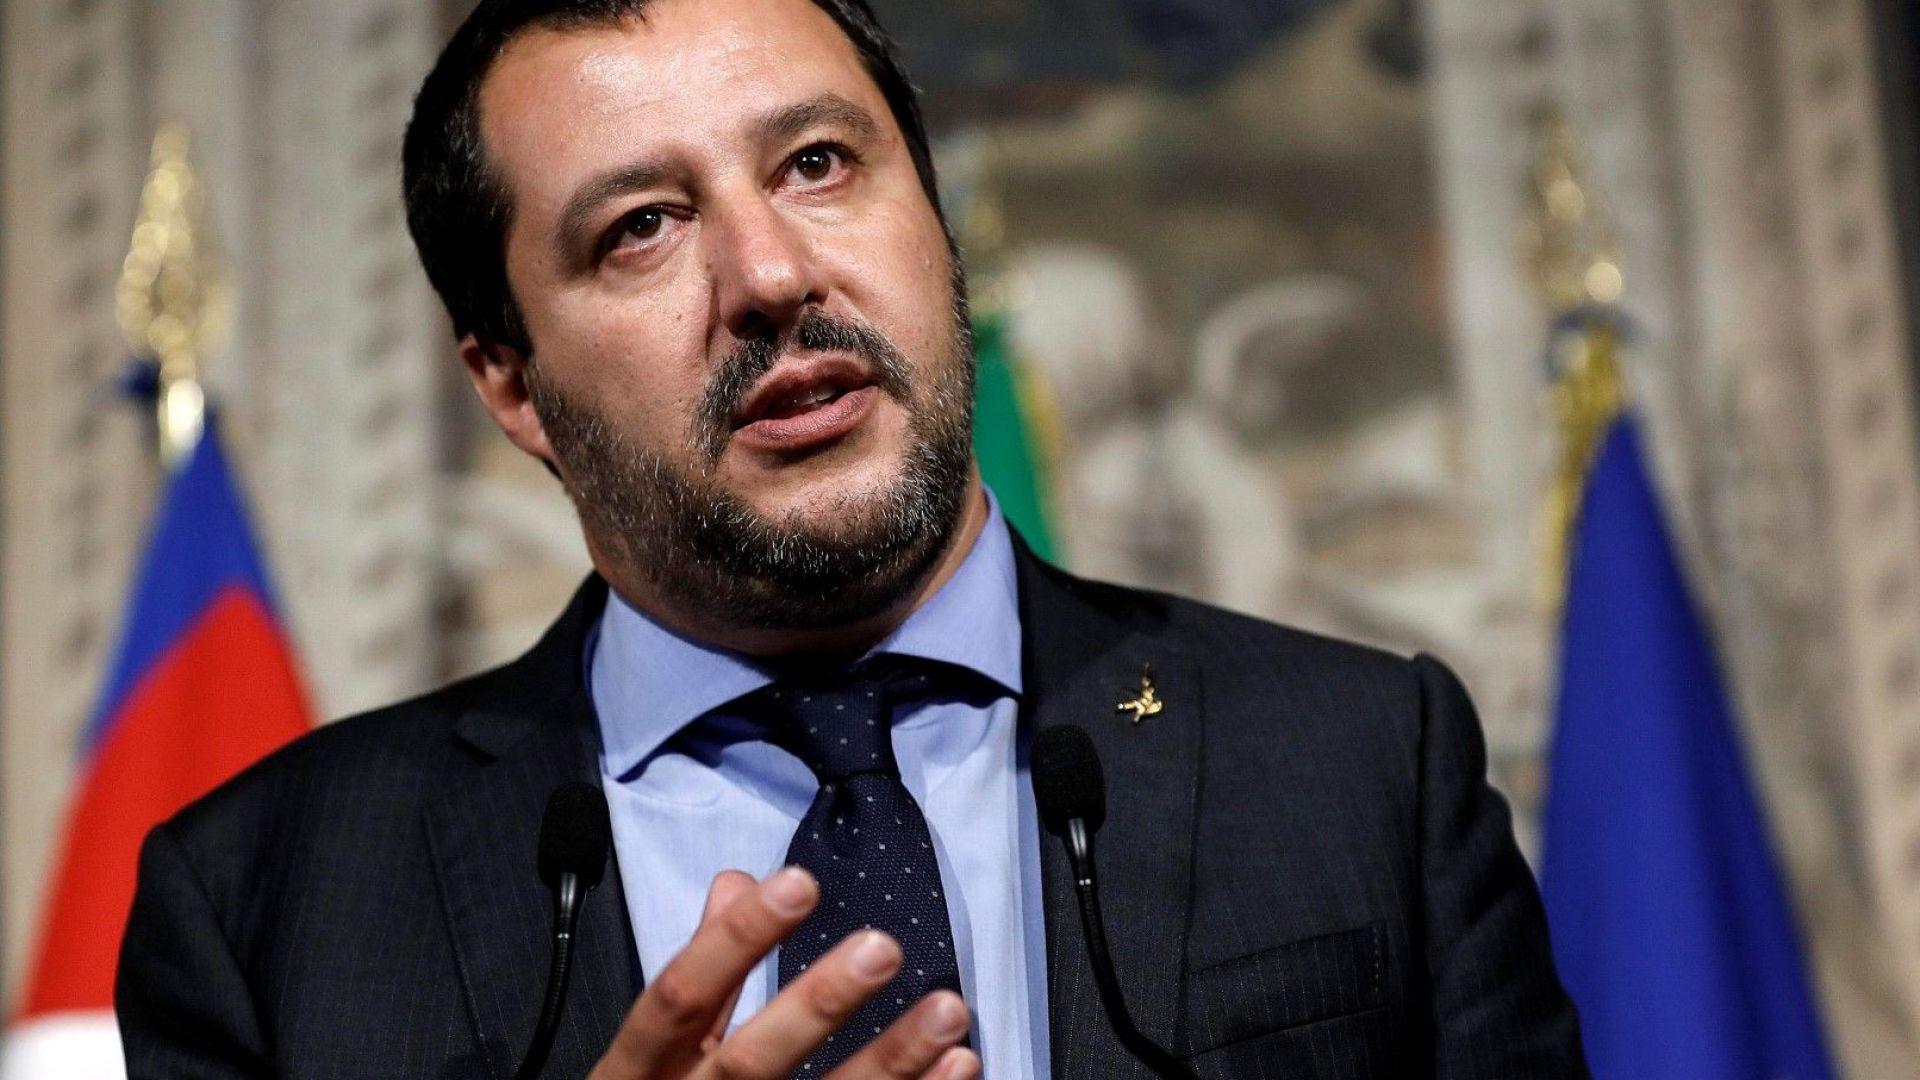 Новият италиански кабинет замисля отмяна на антируските санкции